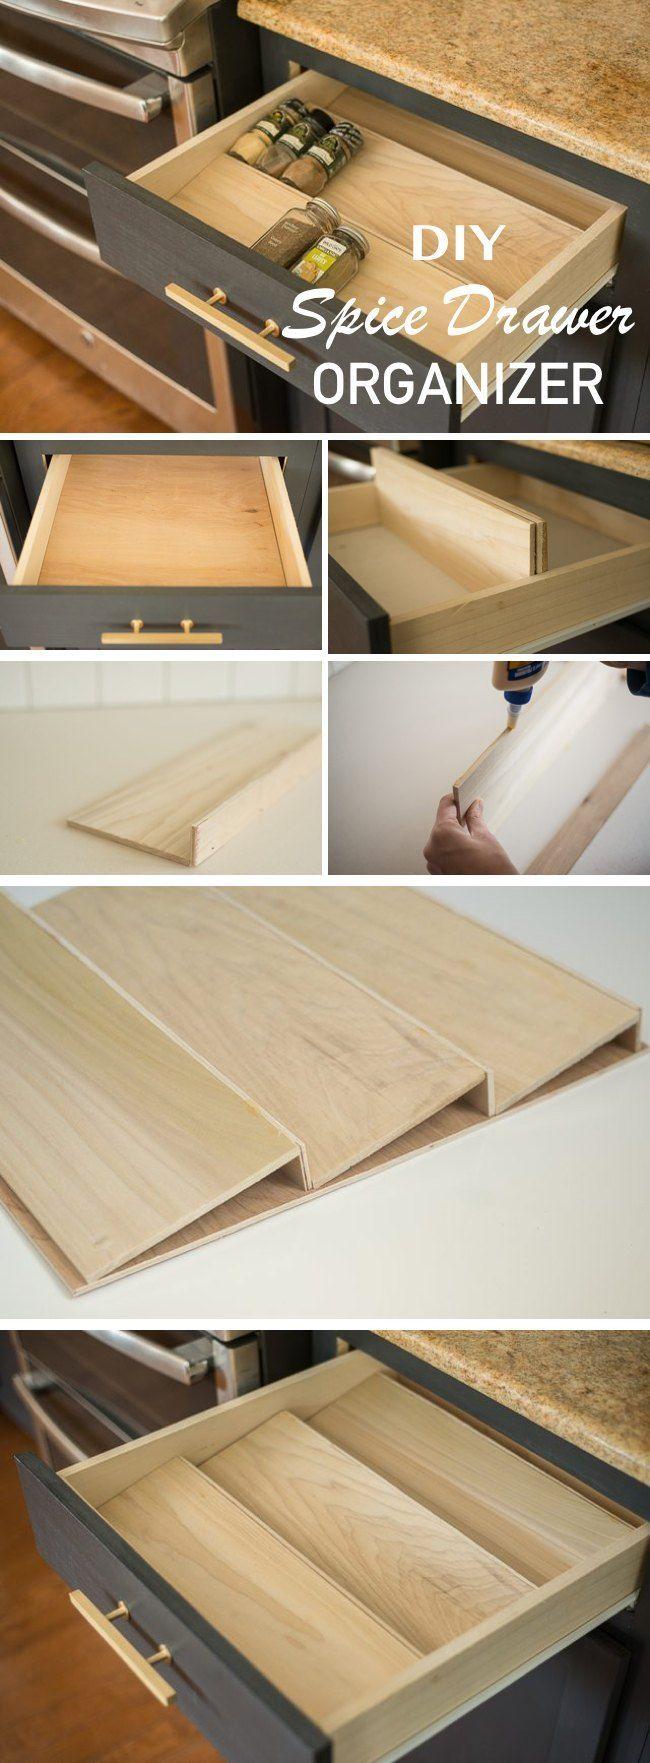 15 Innovative DIY Kitchen Organization & Storage Ideas | Möbel und Küche